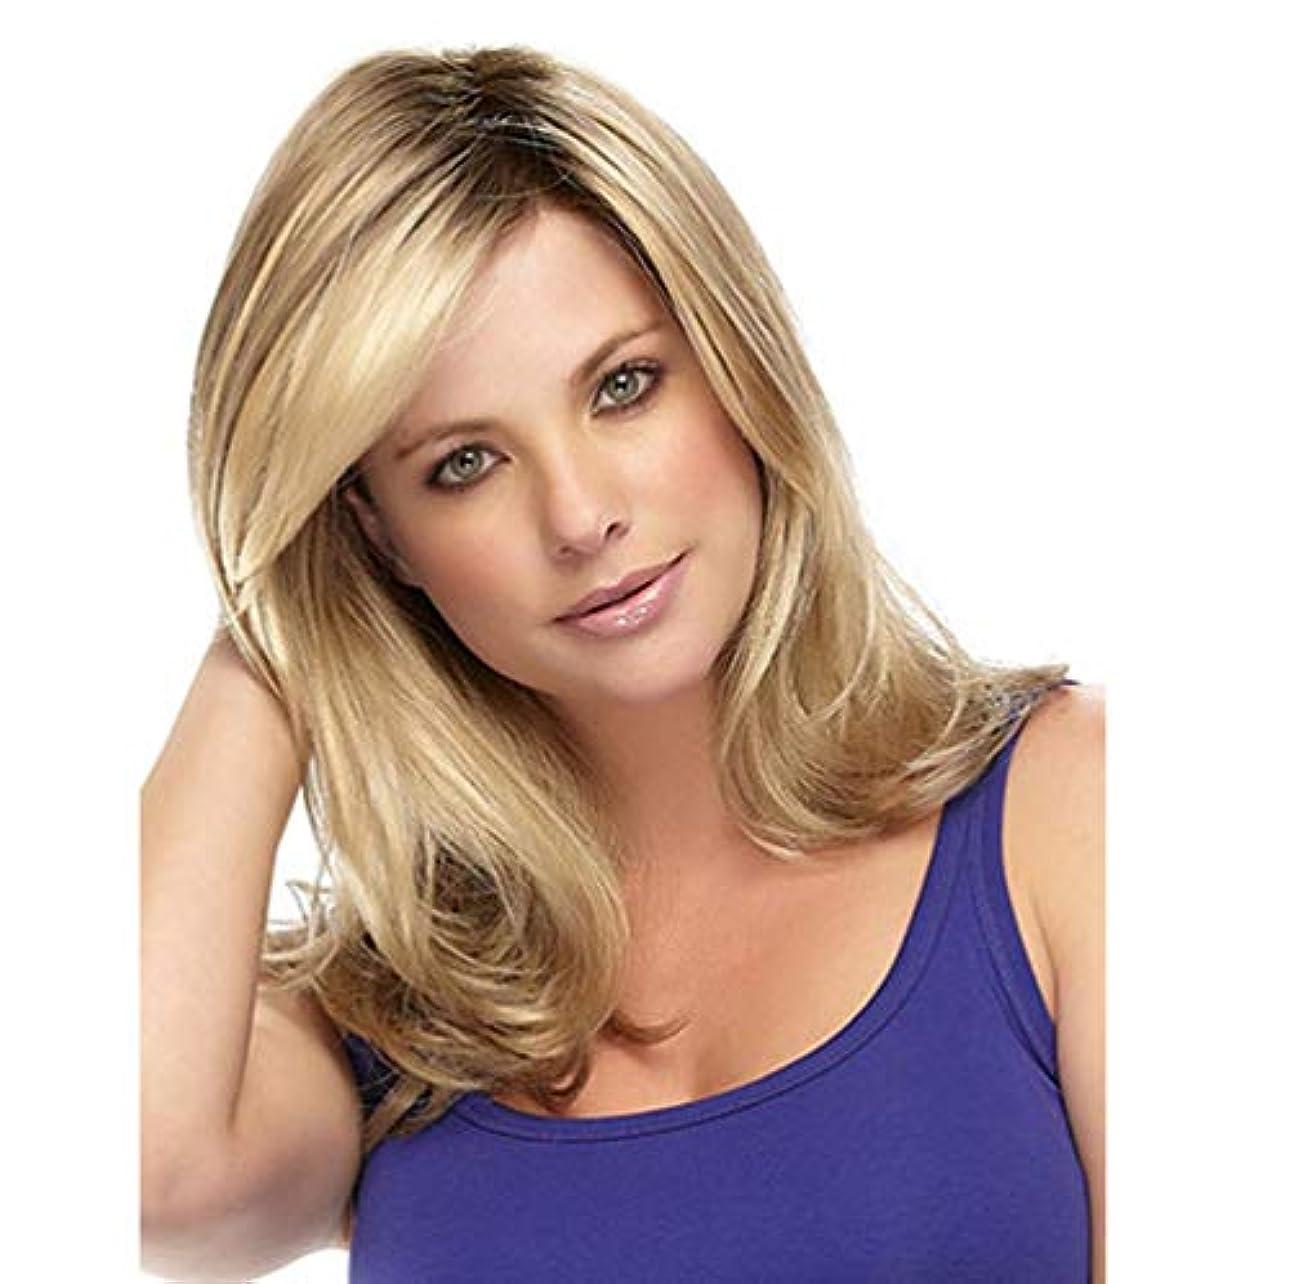 投資線勝つ女性ショートボブウェーブウィッグ150%密度高密度オンブル合成かつら漂白結び目耐熱繊維人間の髪の金20インチ